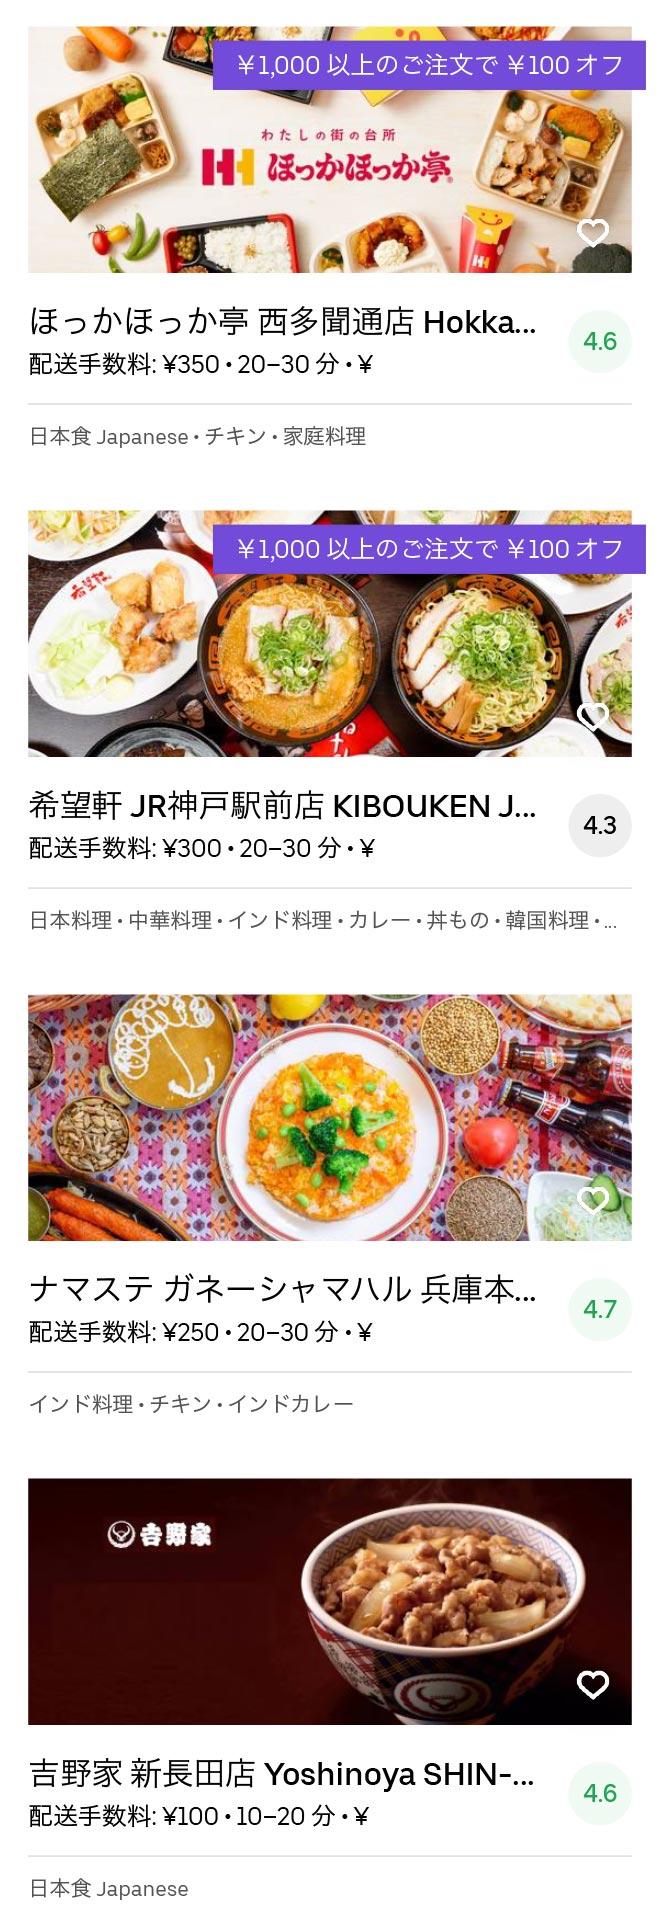 Kobe shin nagata menu 2005 05